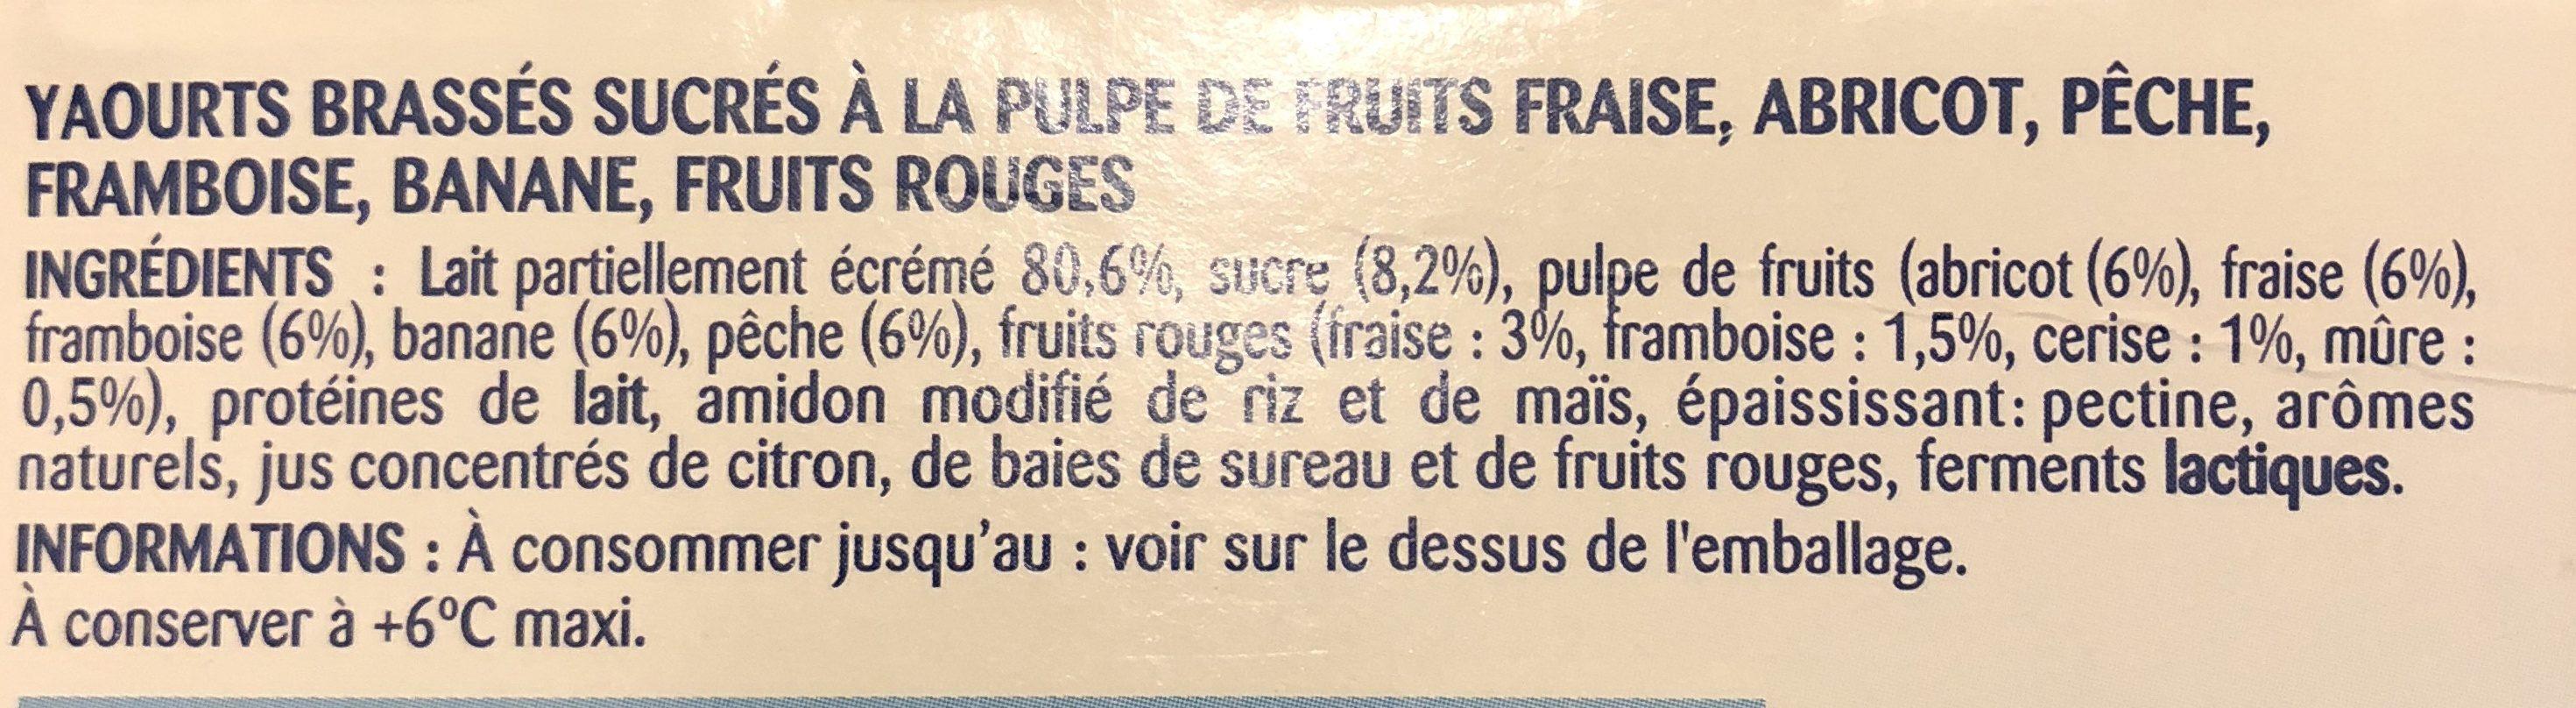 P'tits Onctueux Pâturages - Ingrédients - fr